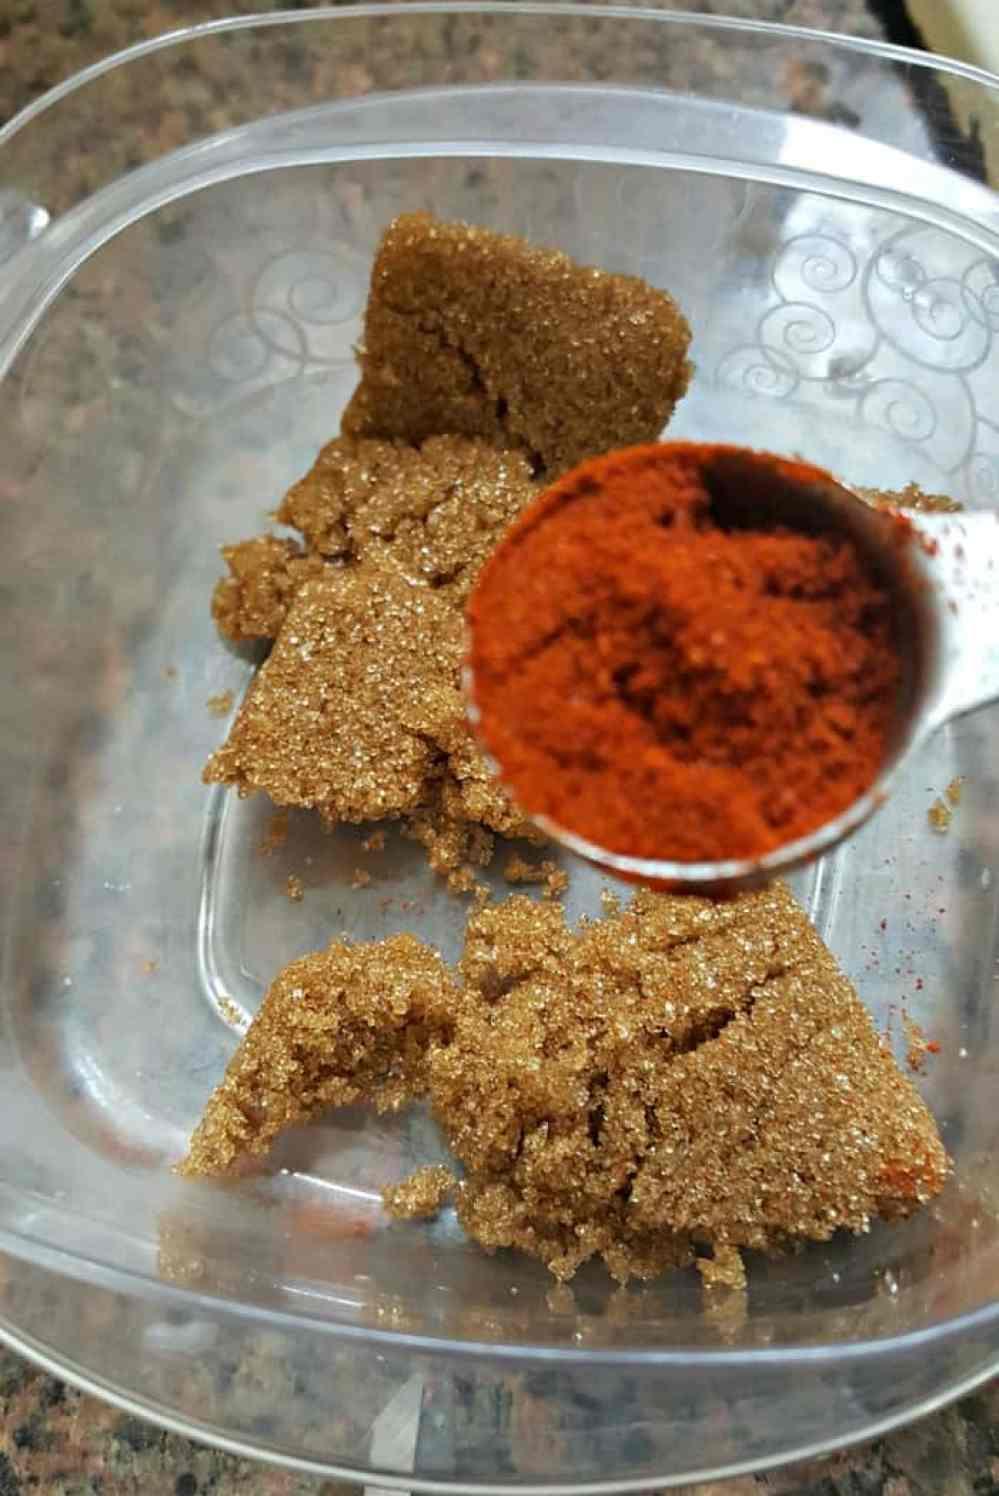 terras kitchen adding chili powder